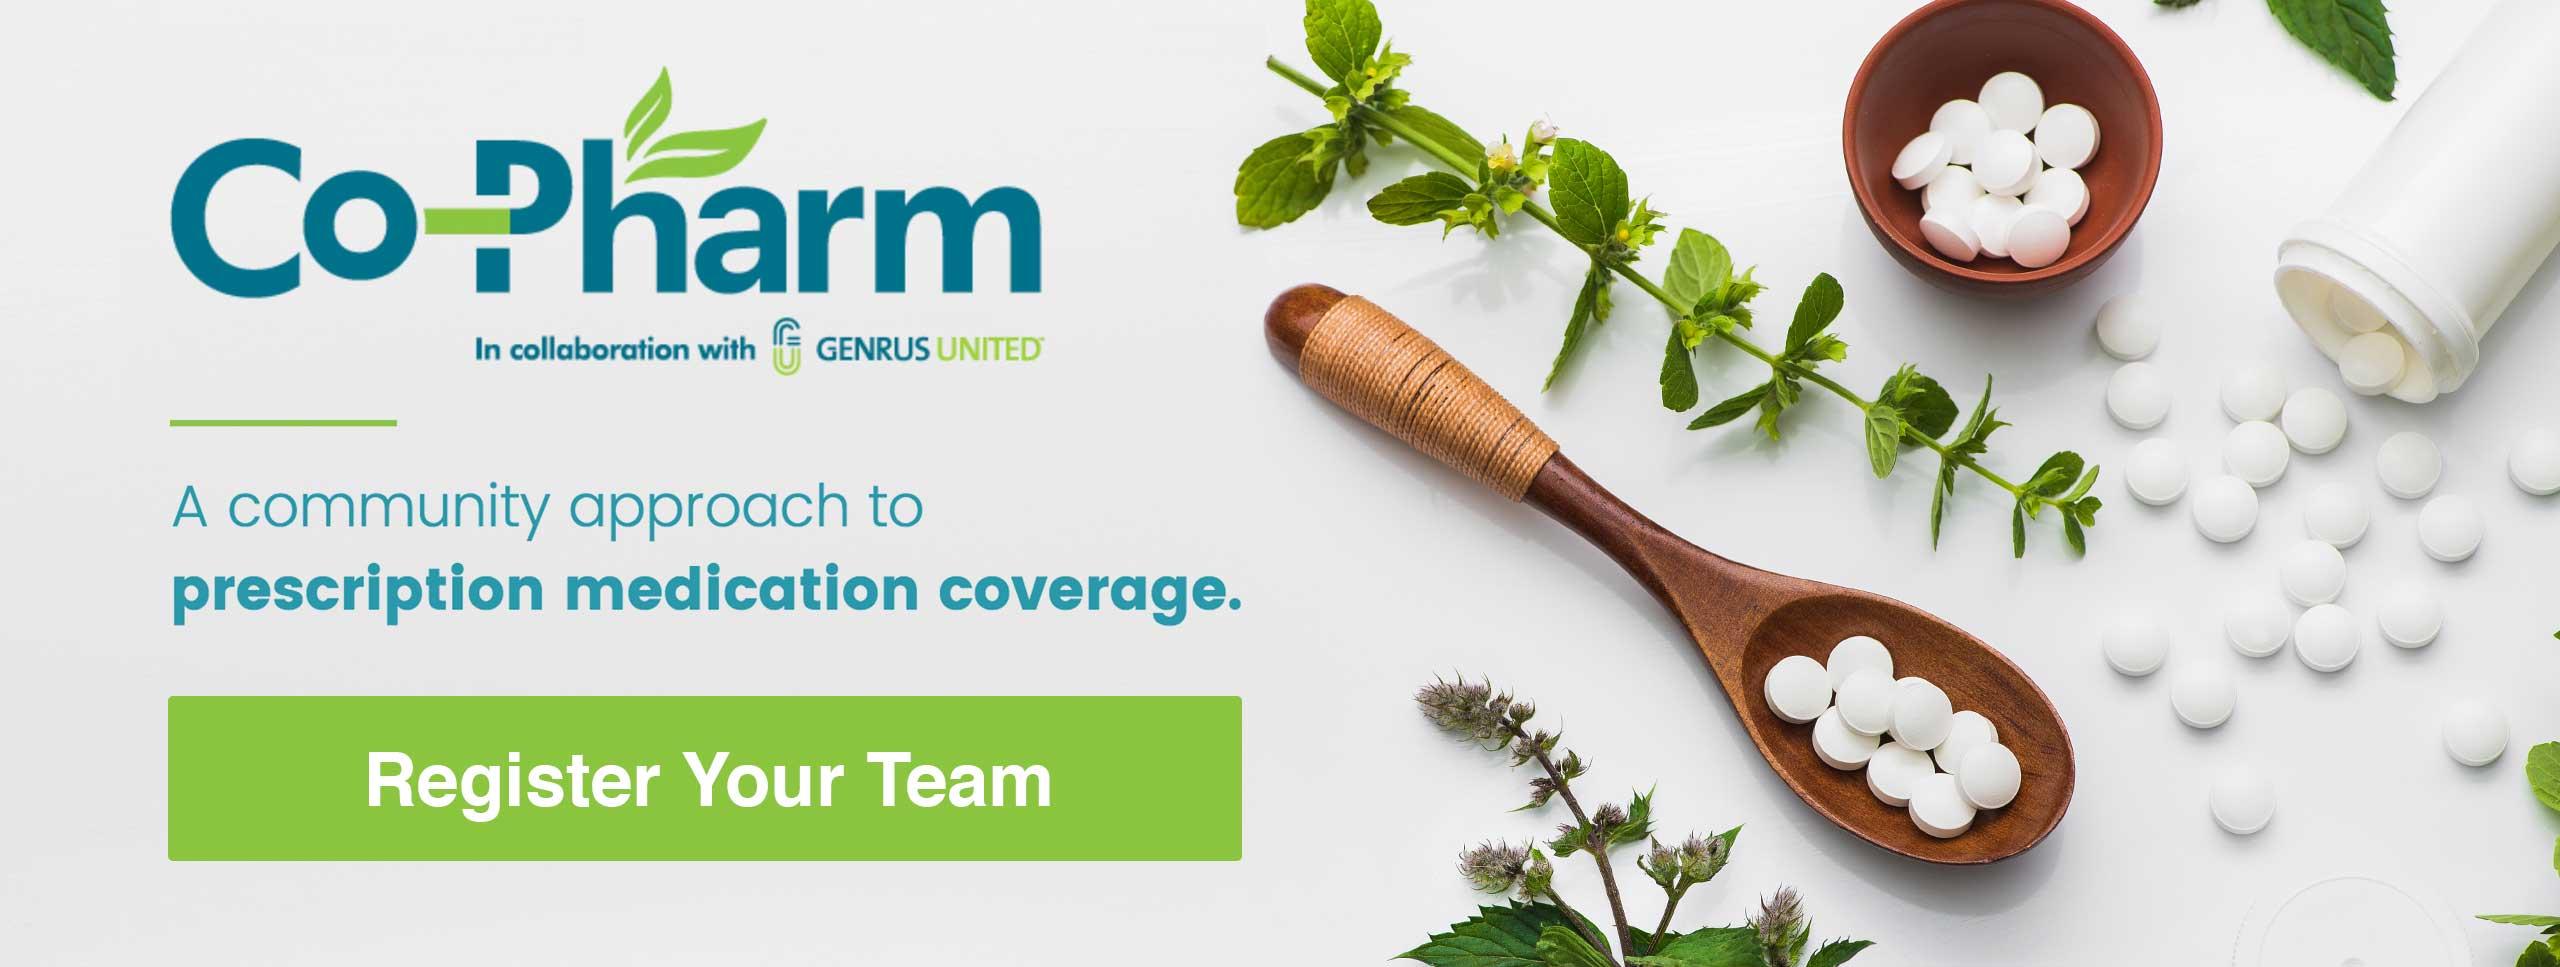 Co-Pharm Registration